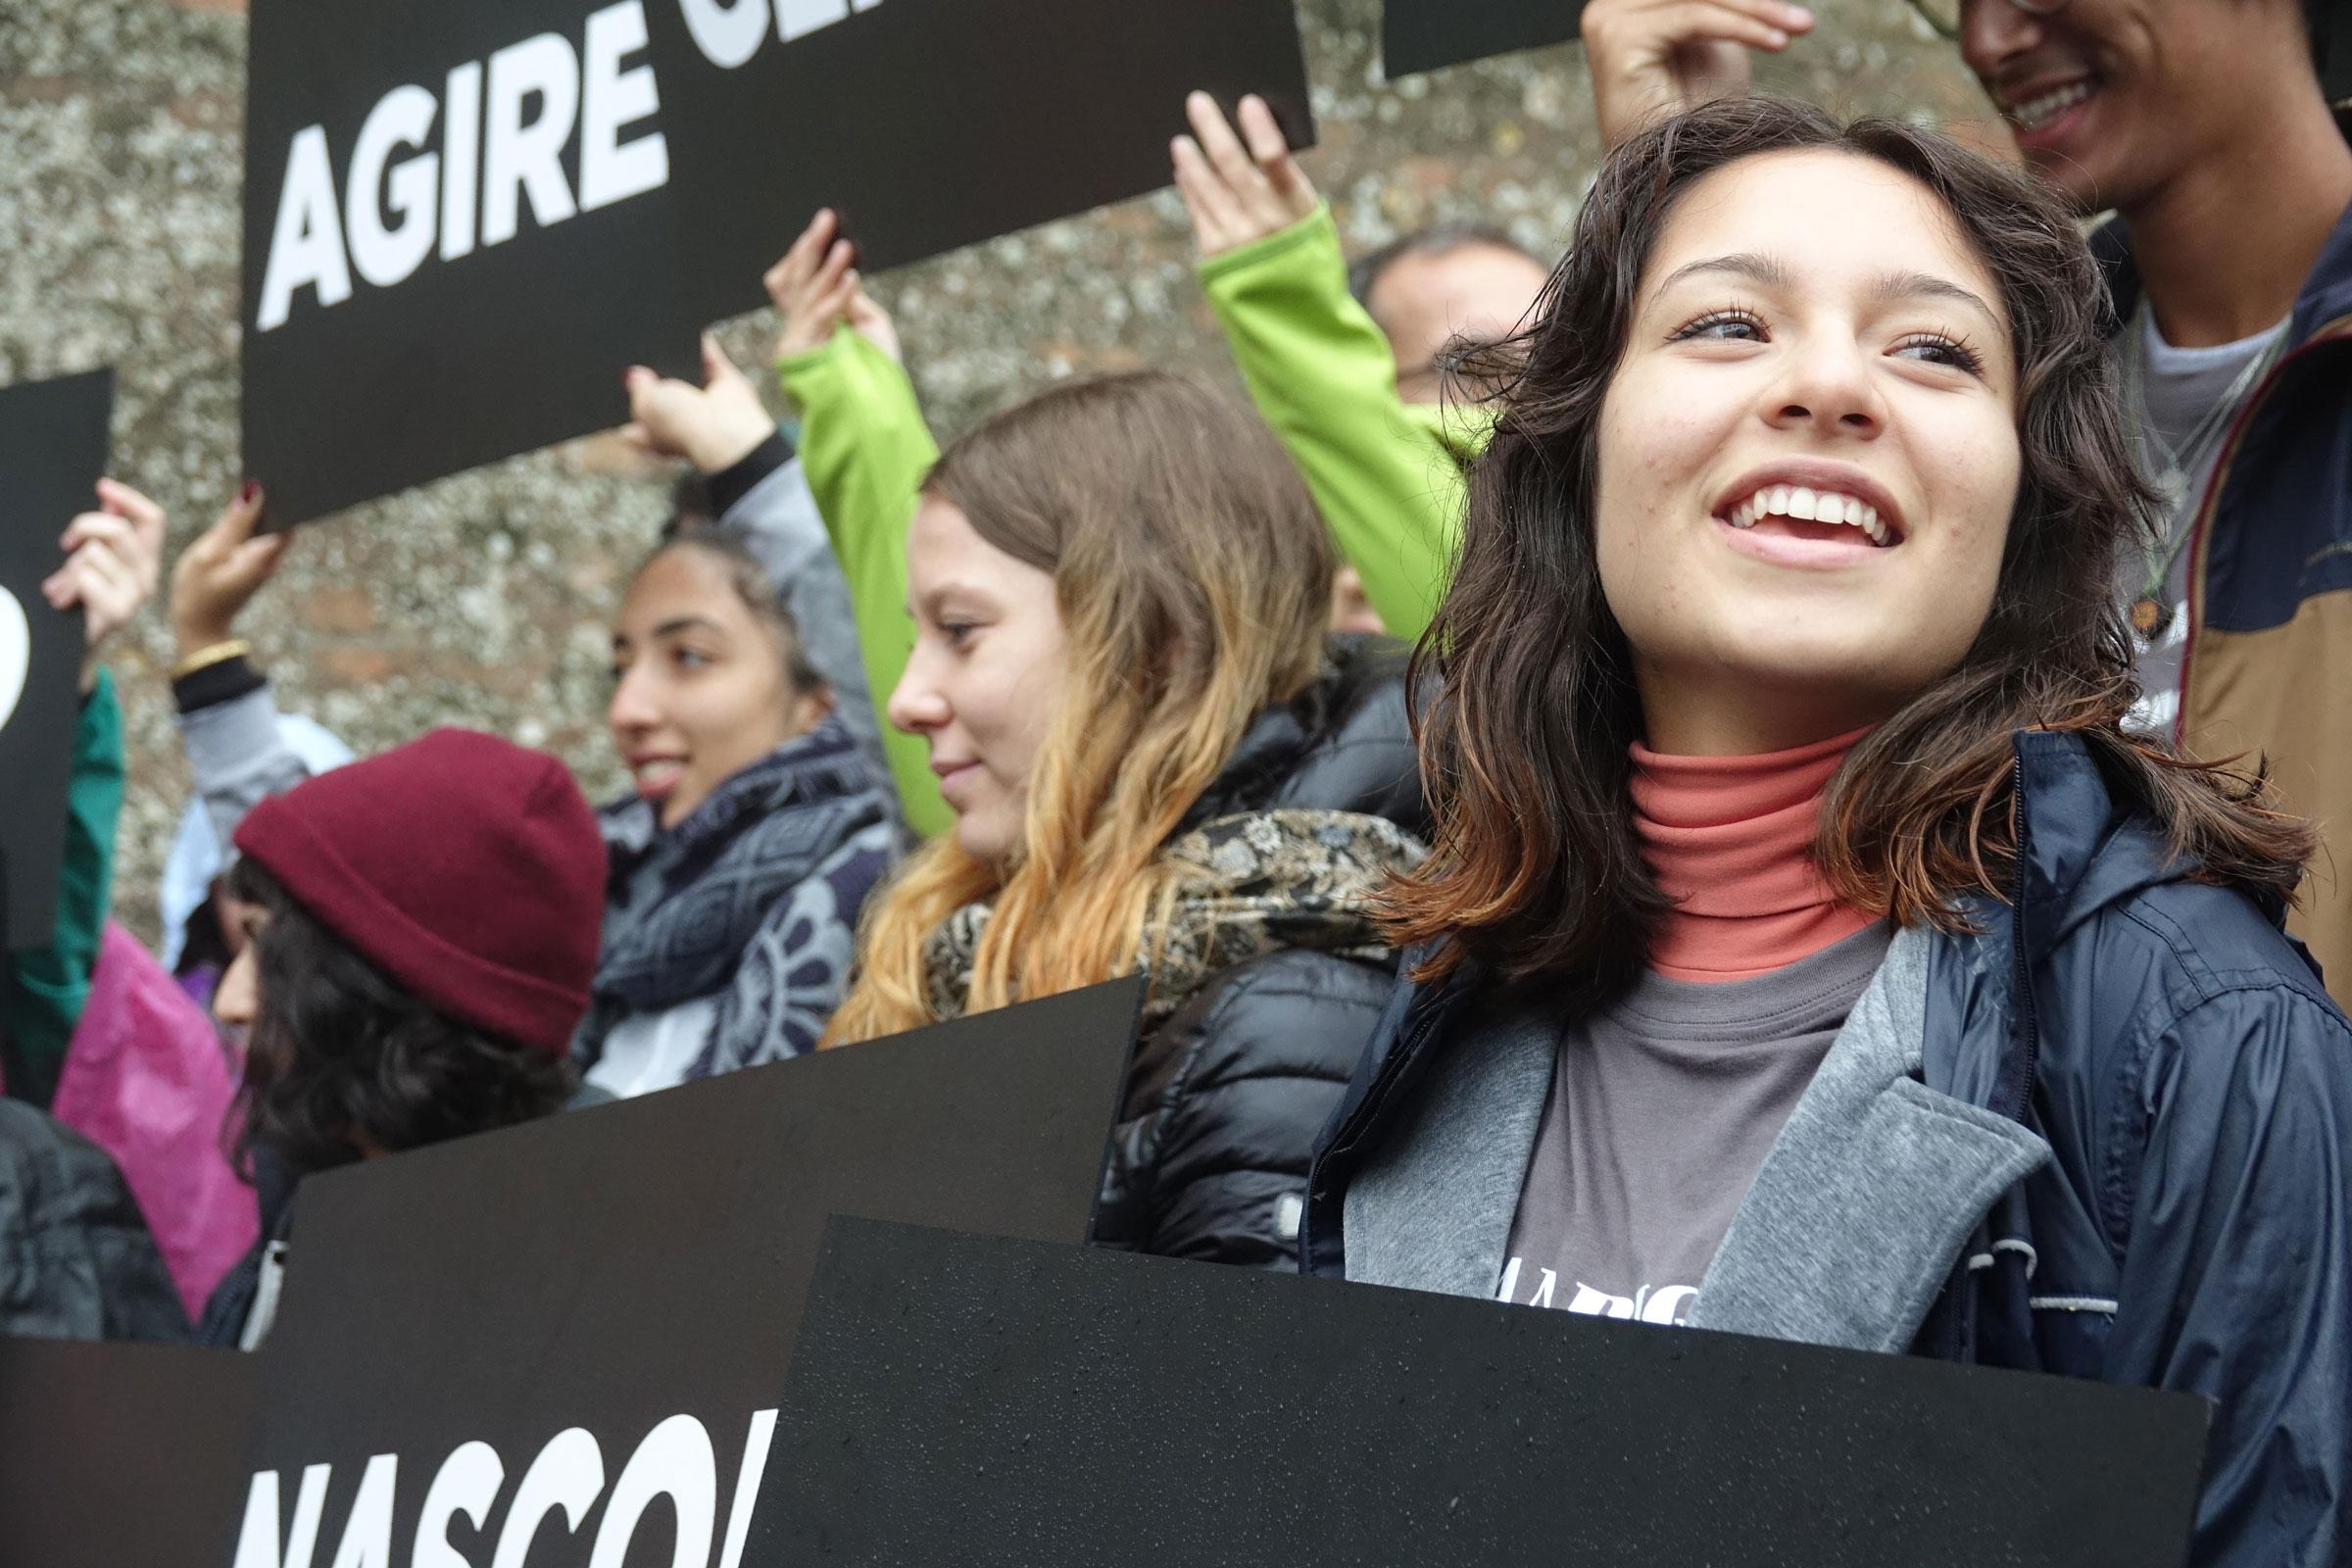 Marcia della Pace Perugia Assisi: la partecipazione degli studenti e volontari dell'Università di Padova, 7 ottobre 2018